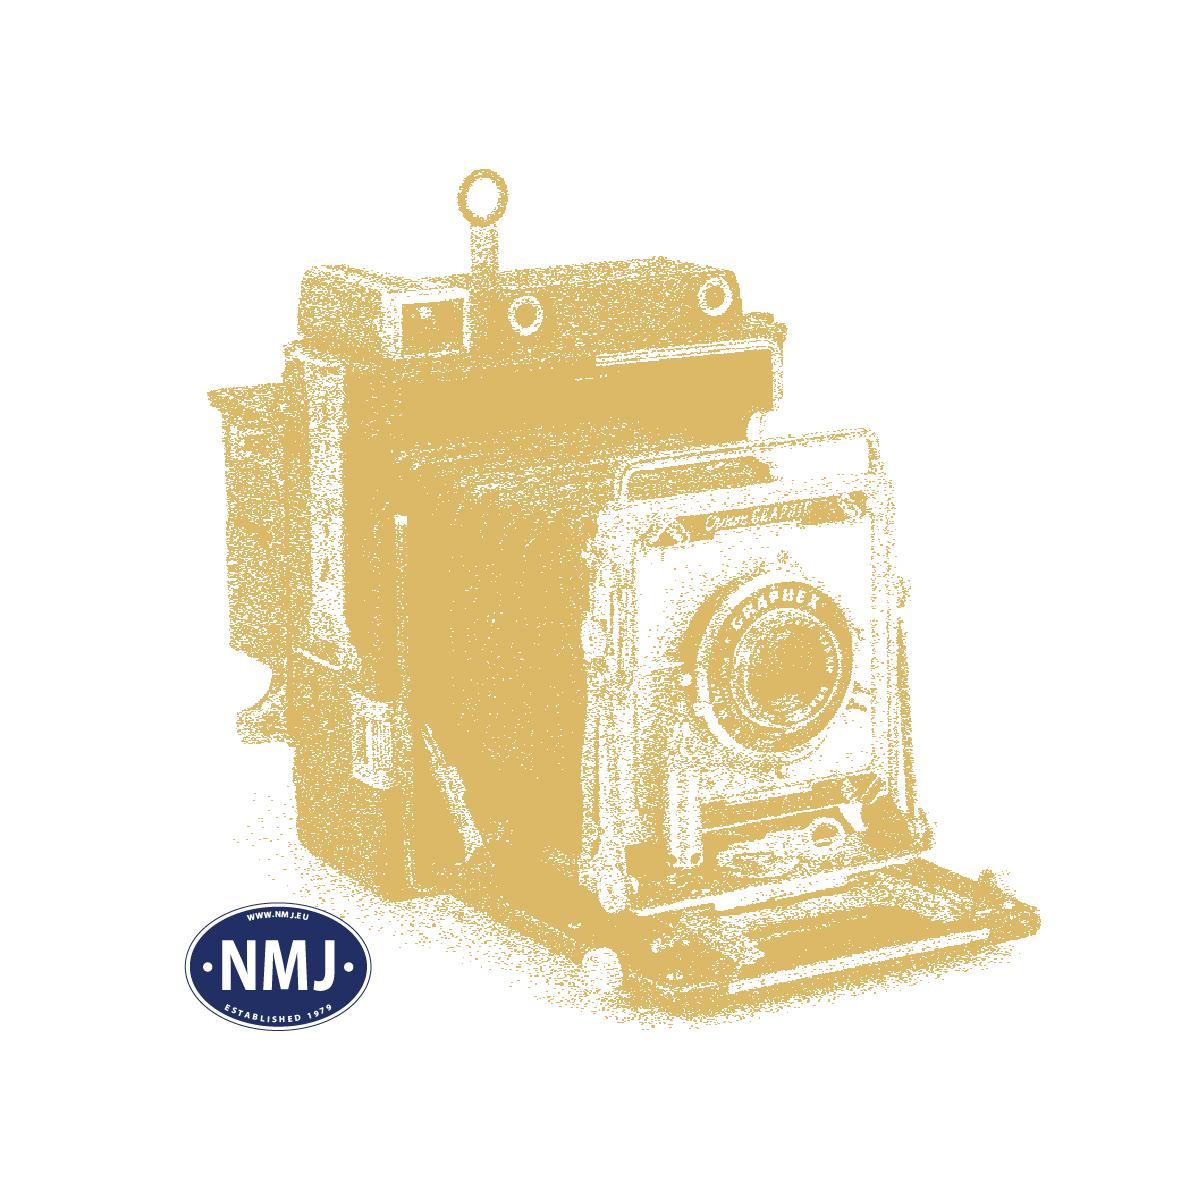 NMJT90015 - NMJ Topline NSB Di3a 616, DCC w/ Sound